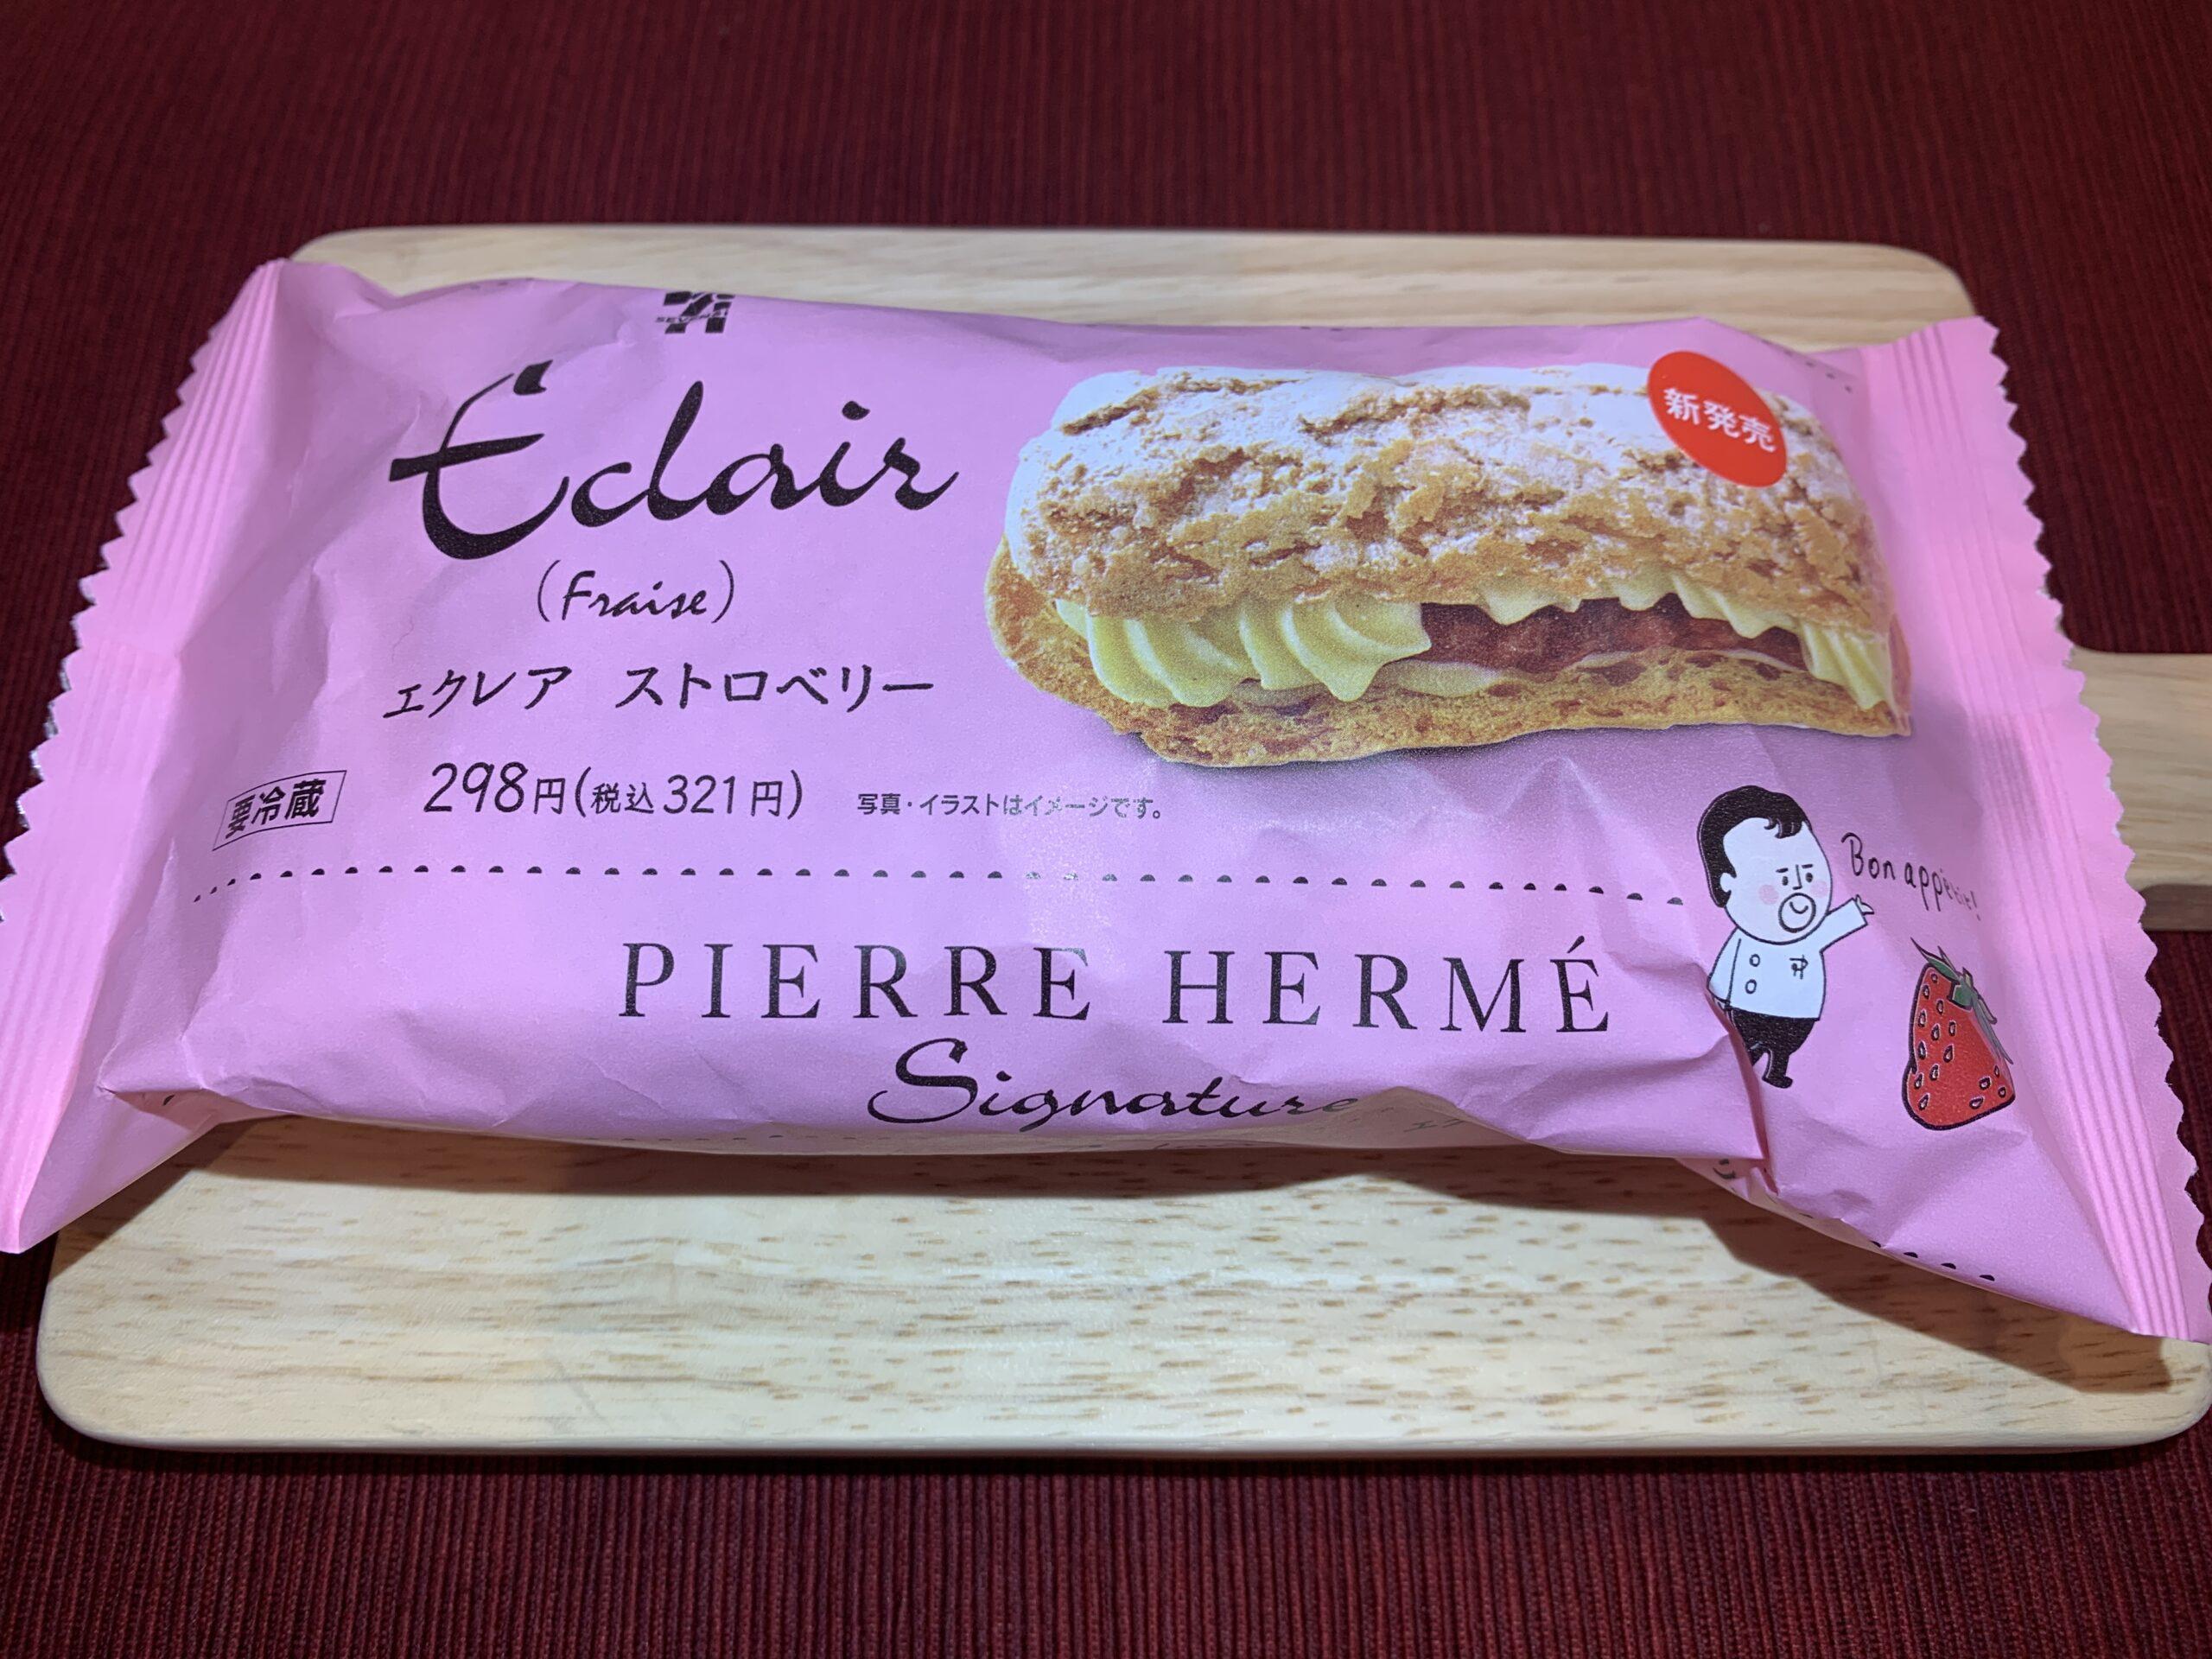 セブンスイーツ・エクレアストロベリー&もちころストロベリーレアチーズ食べてみた